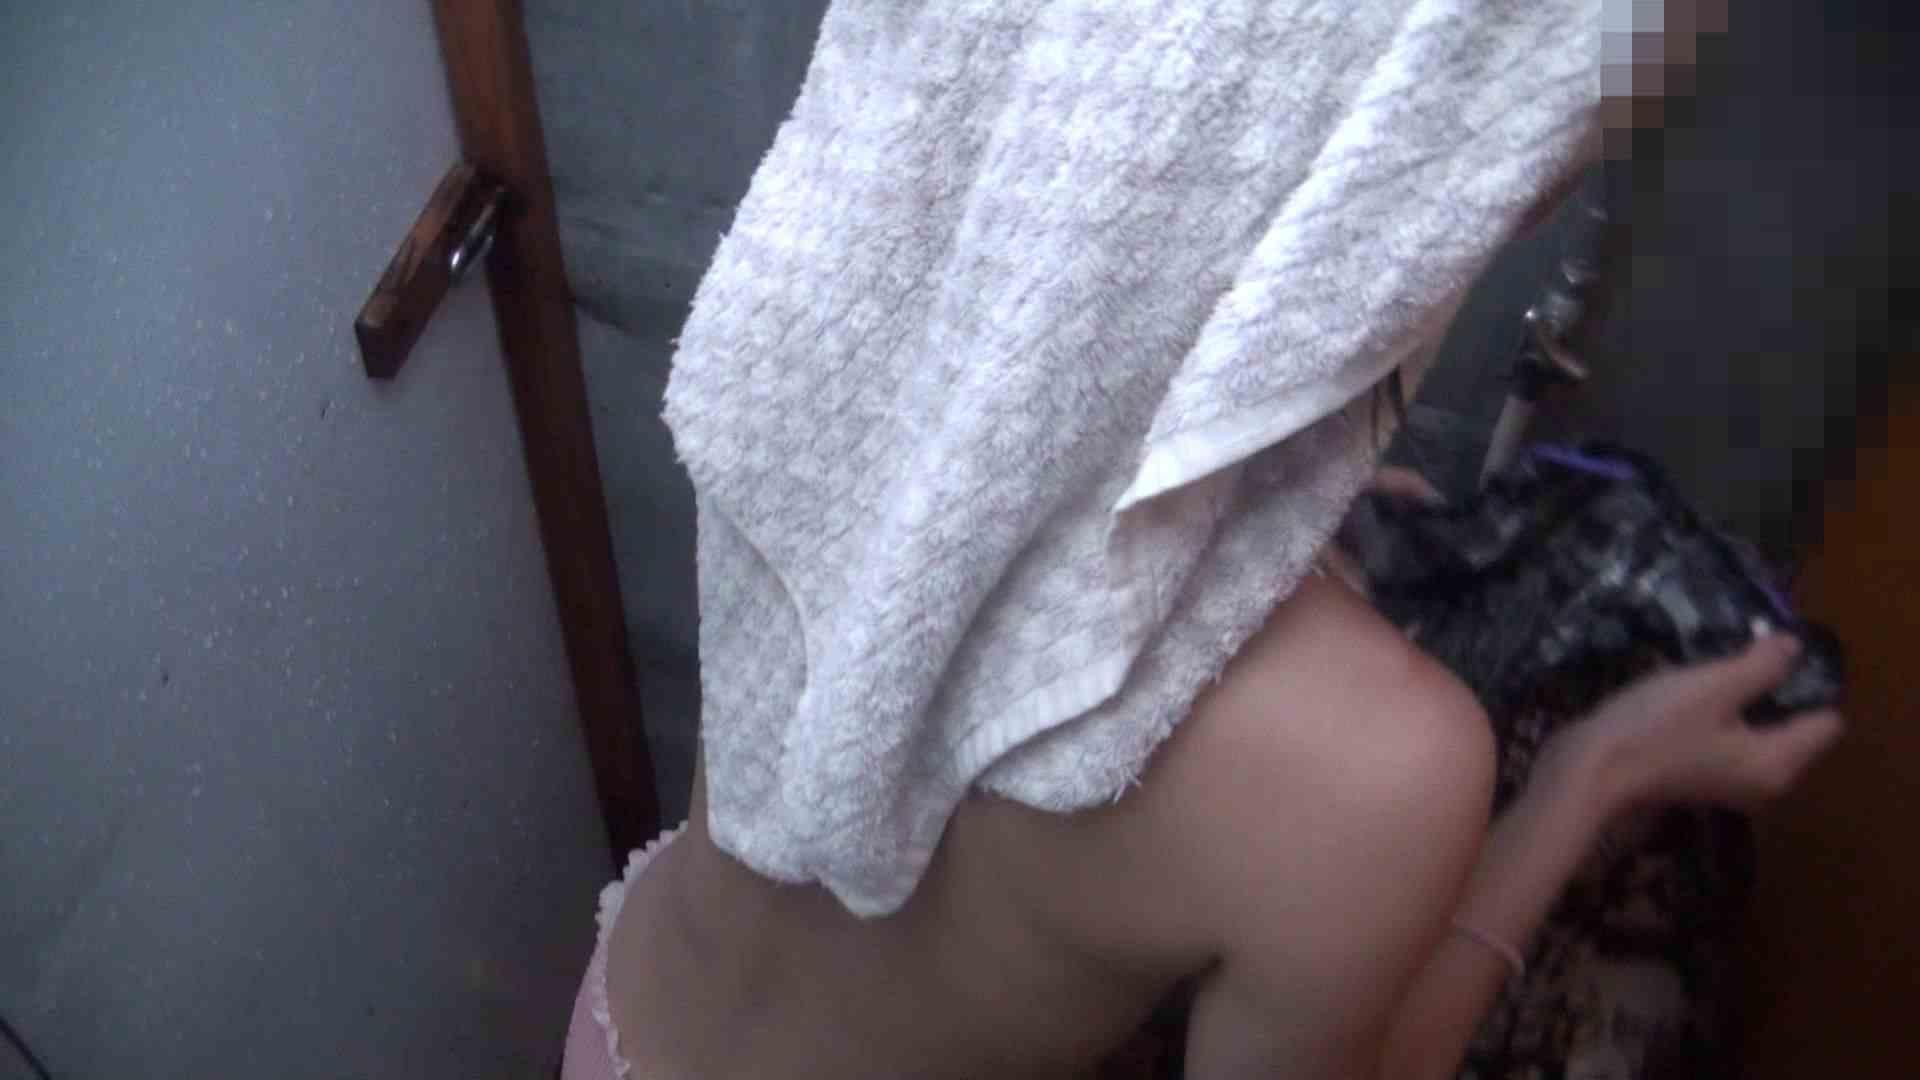 シャワールームは超!!危険な香りVol.21 オメメぱっちり貧乳ギャル鼻くそほじっても可愛いです 高画質 おめこ無修正動画無料 50連発 49